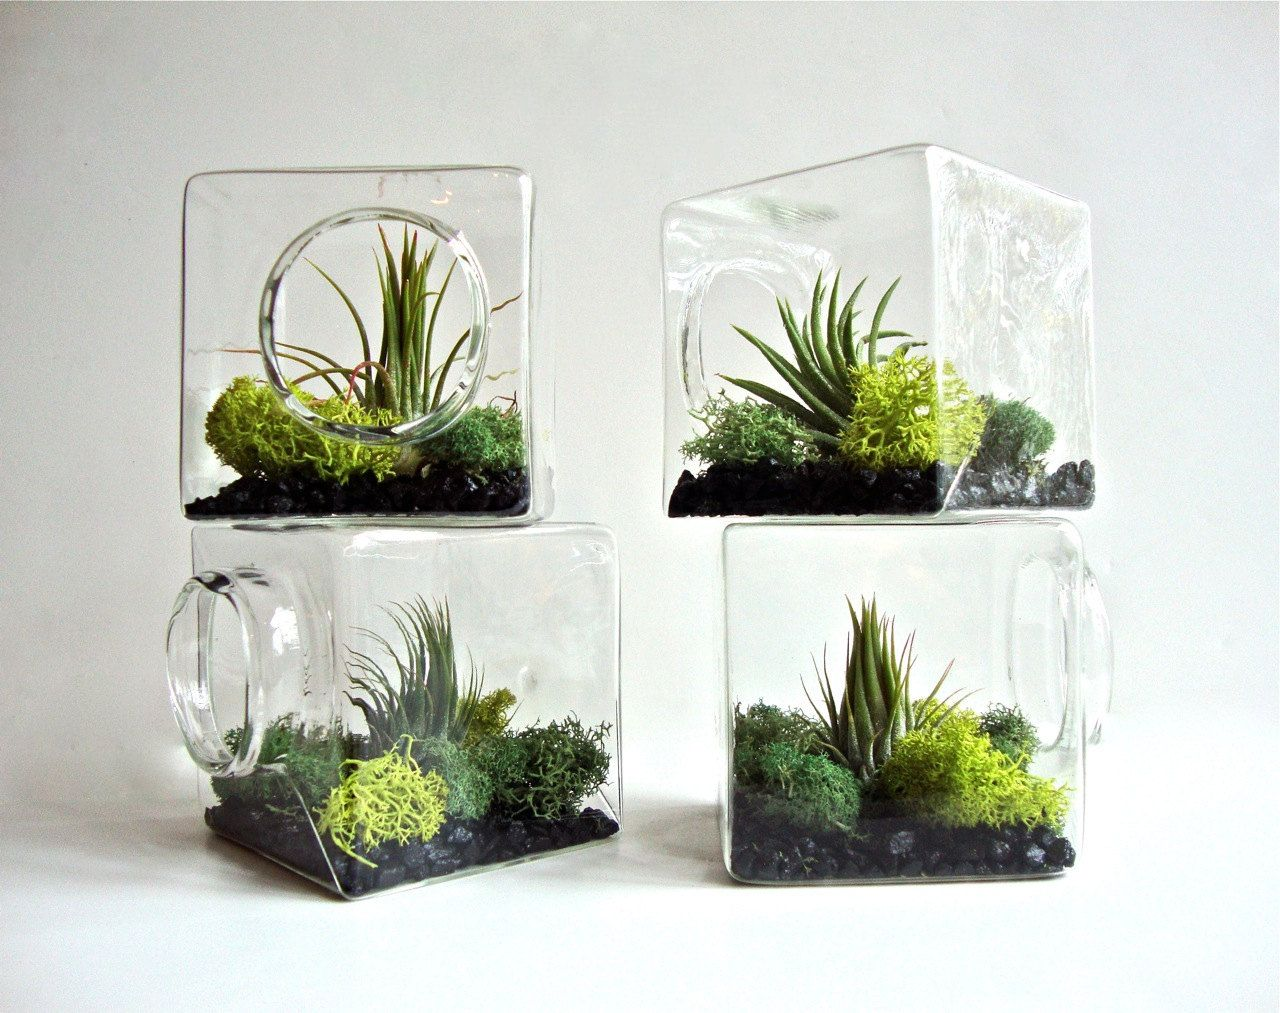 Stackable living eco cube modern air plant von for Dekoration von wohnungen